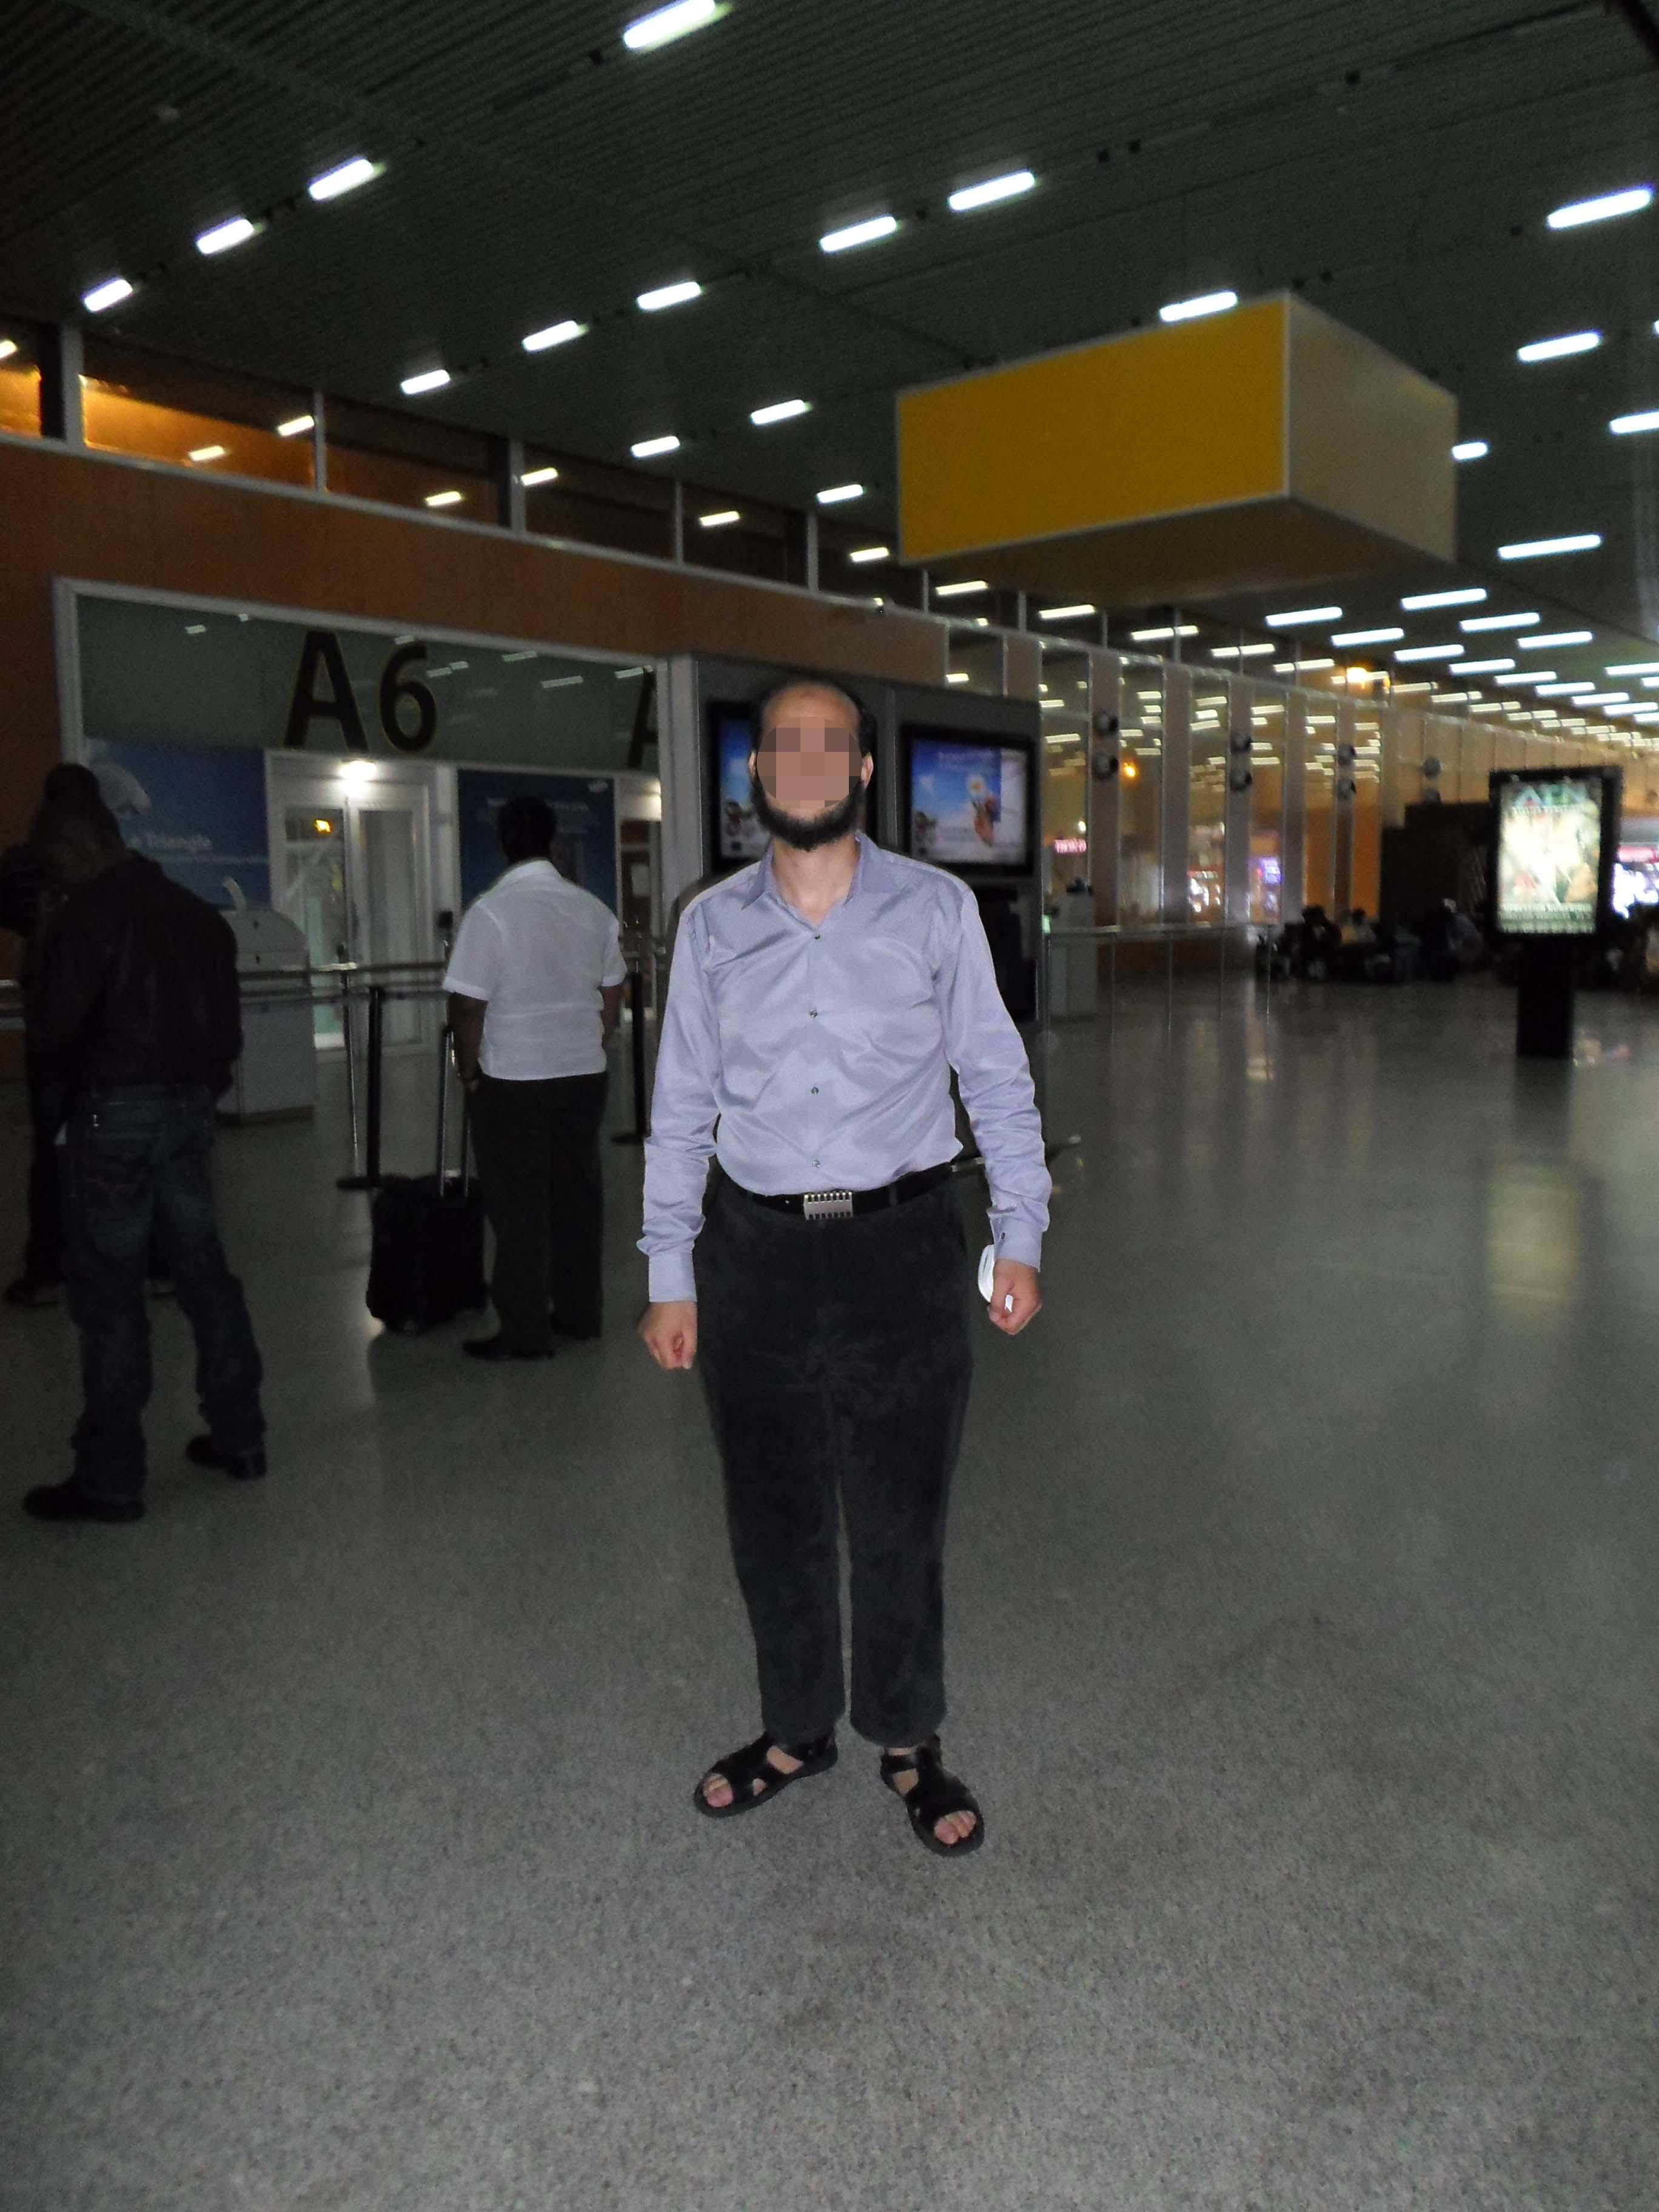 Rencontre Sexe Rhône Alpes , Trouves Ton Plan Cul Sur Gare Aux Coquines